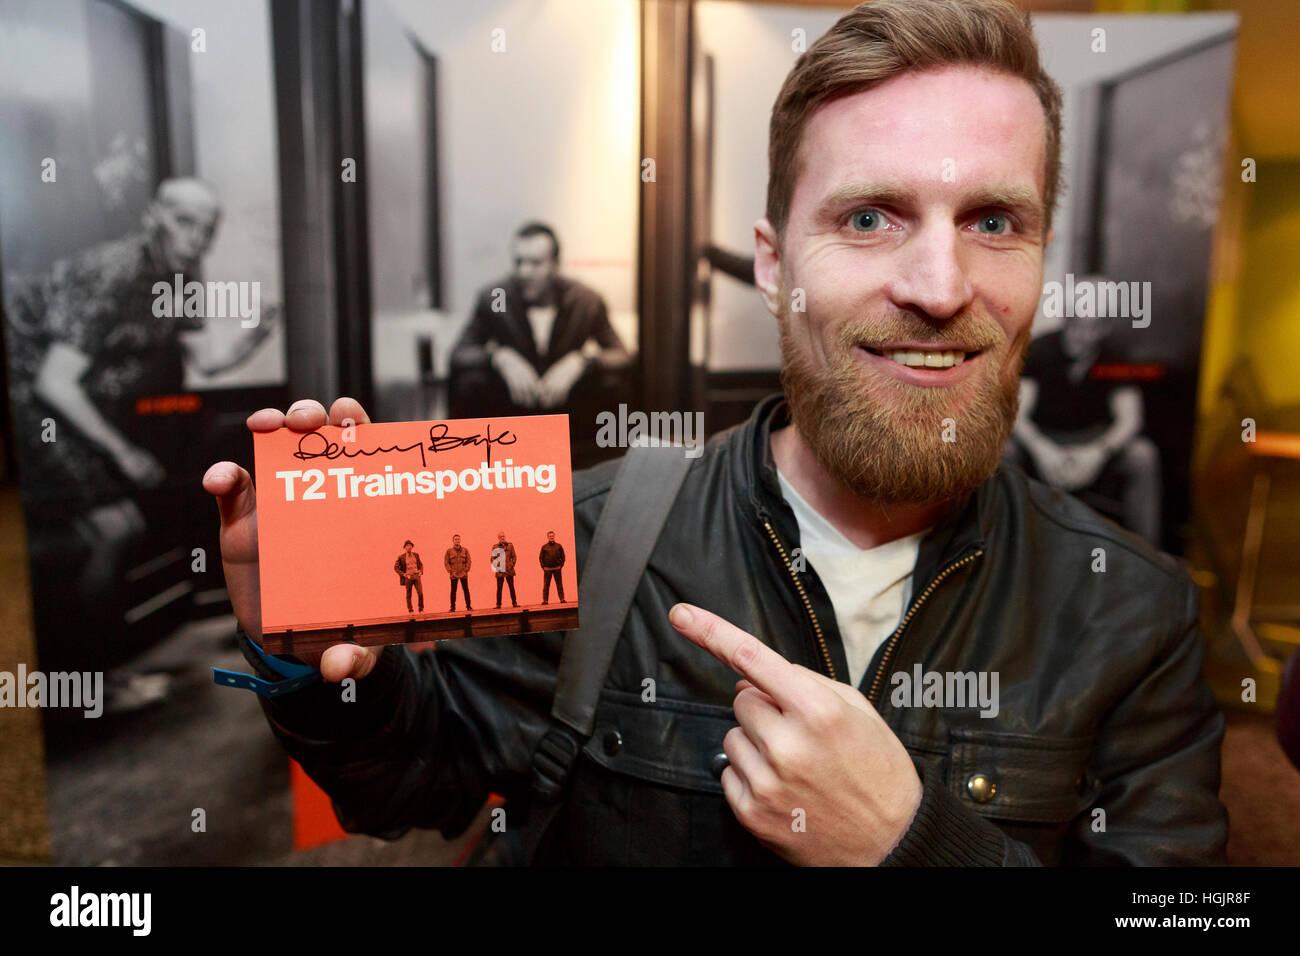 Edimburgo, Reino Unido. El 22 de enero, 2017. T2 Trainspotting premiere en Edimburgo Cineworld. Escocia. Foto Kenny Imagen De Stock